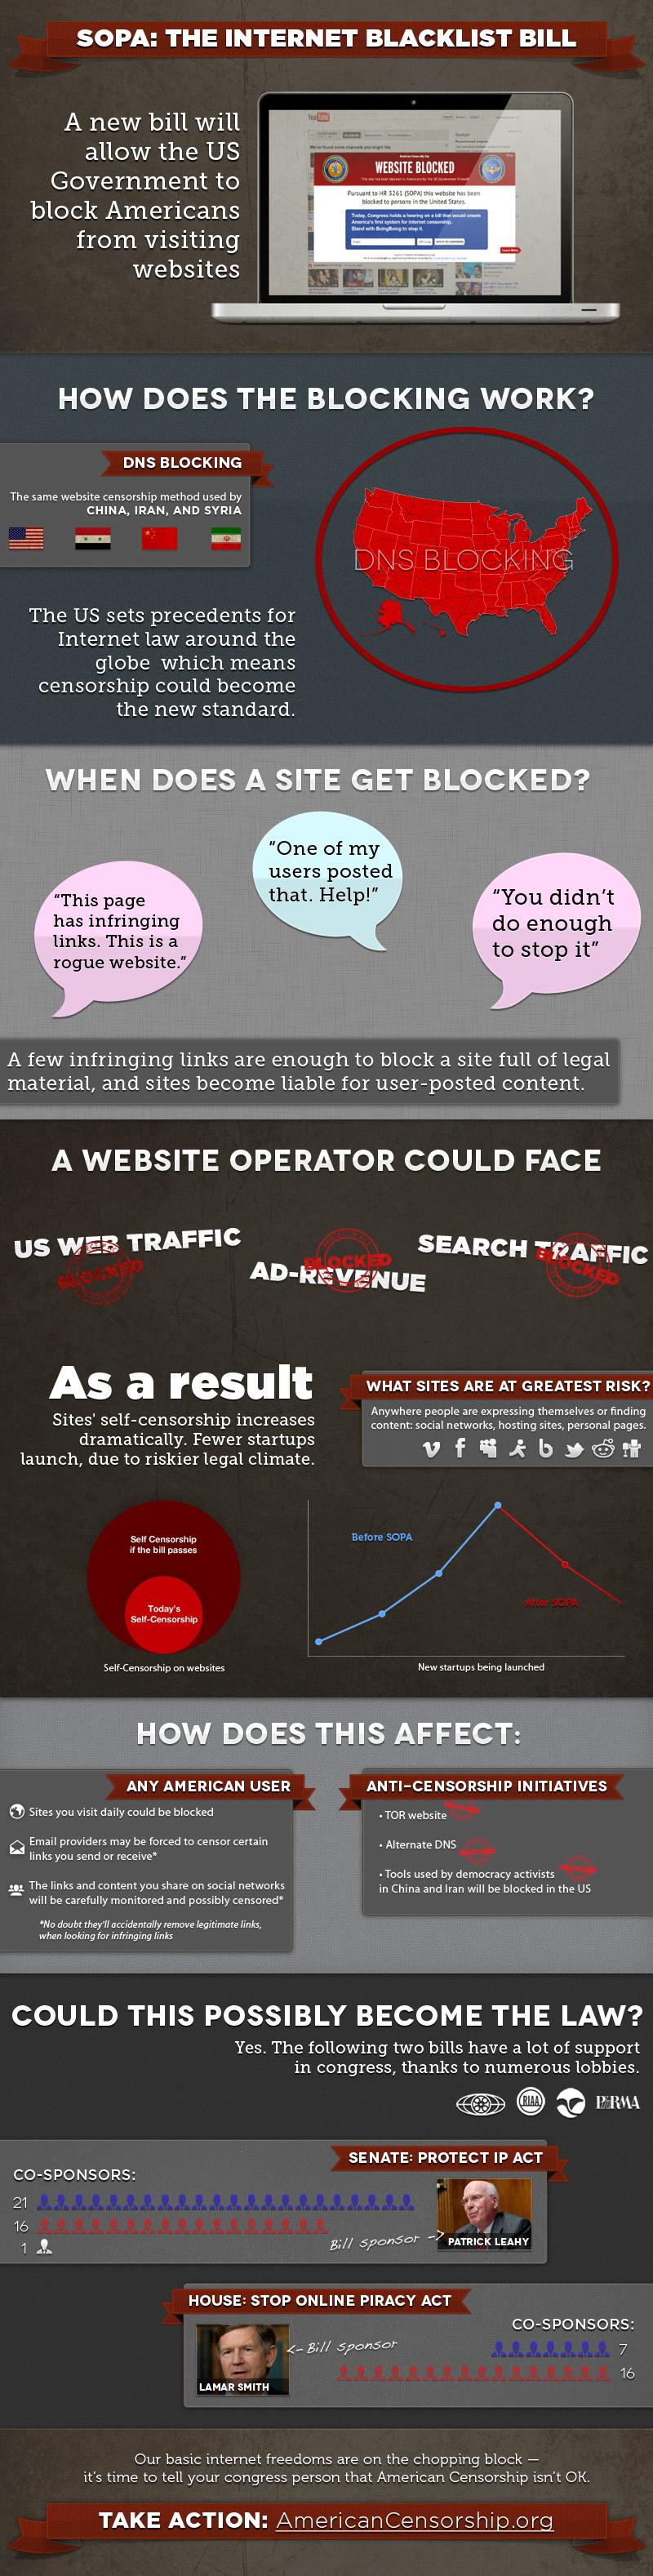 SOPA: The Internet Blacklist Bill